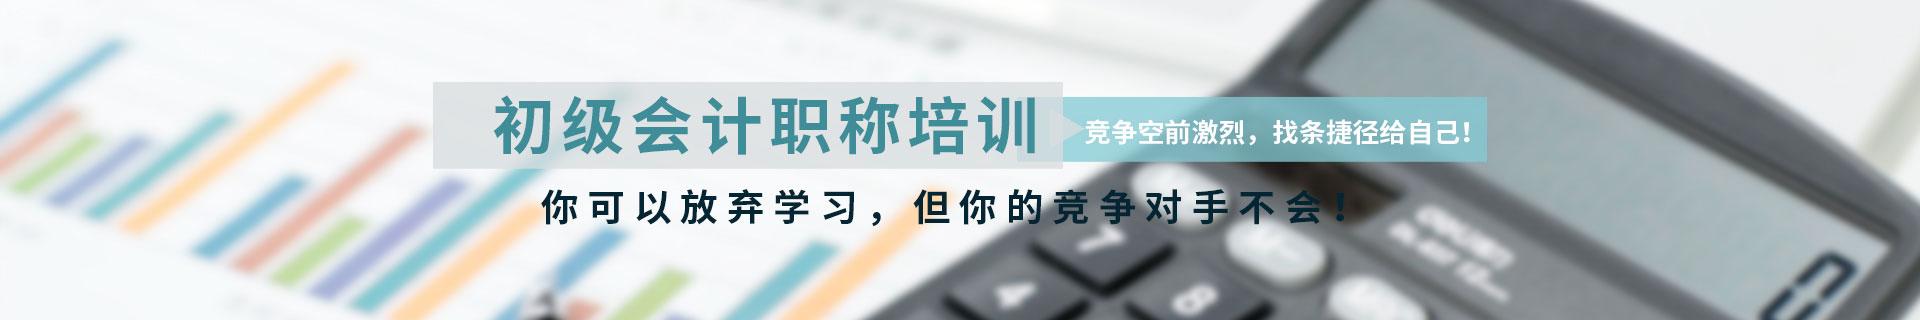 北京海淀仁和会计培训机构